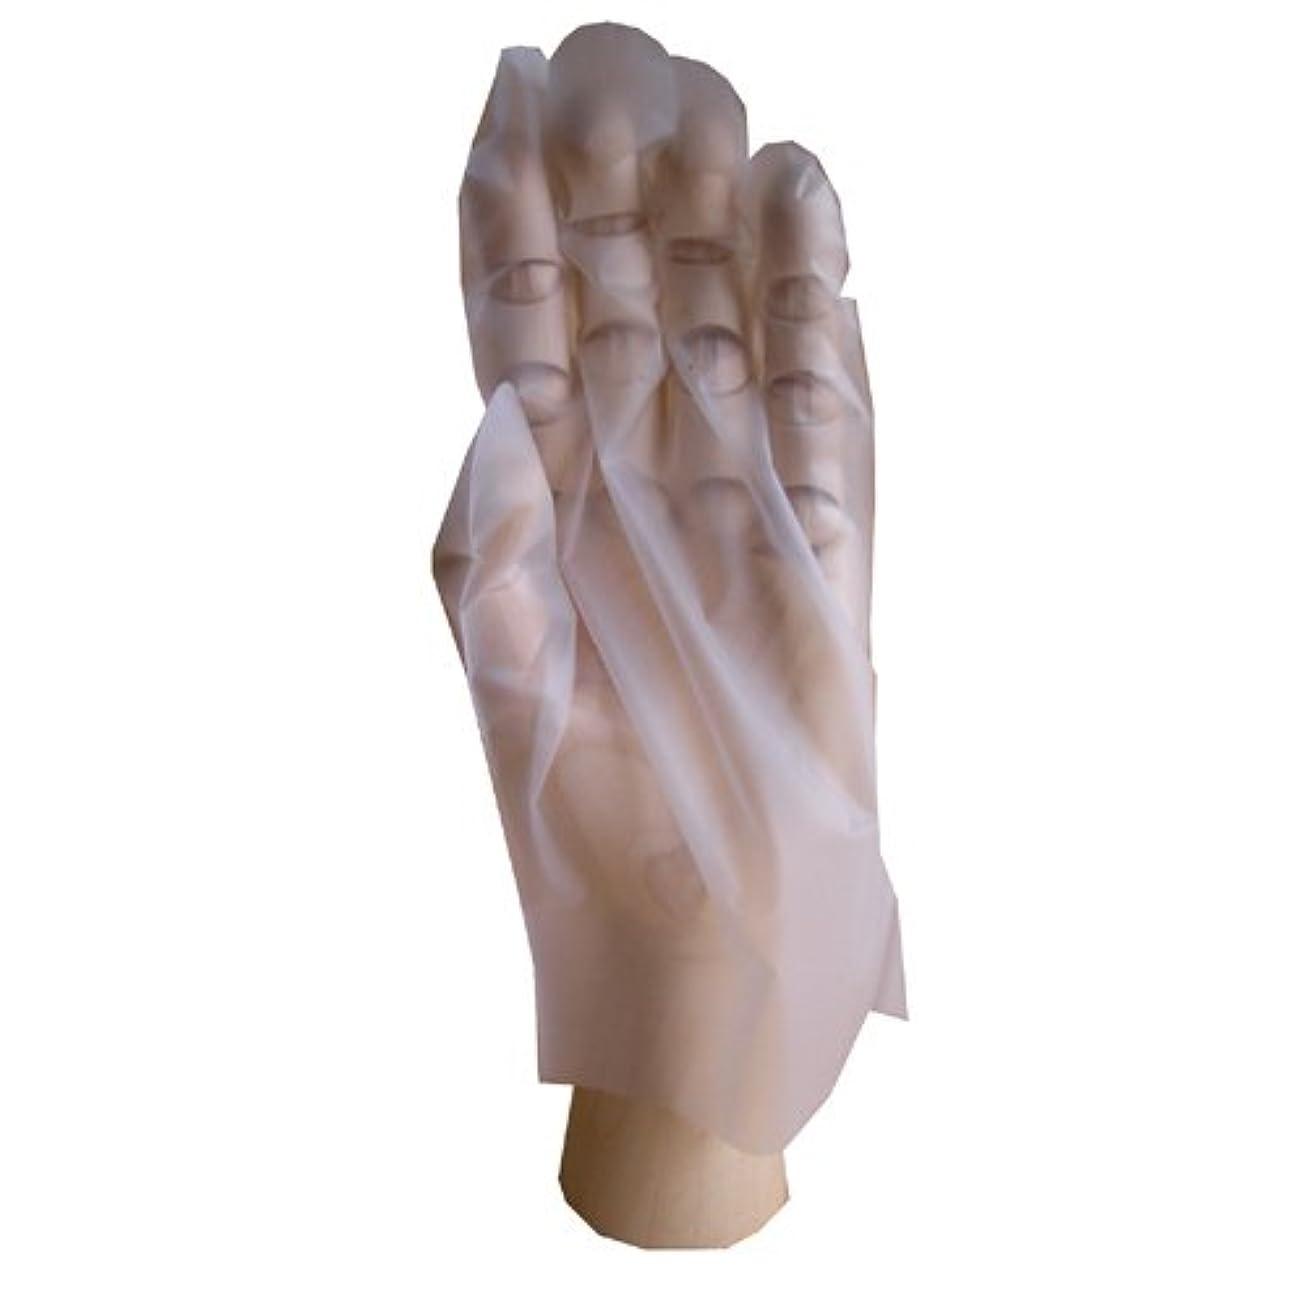 かみそりモットー動く中部物産貿易 ヘアカラー用手袋 Mサイズ*10枚入 4535017403477